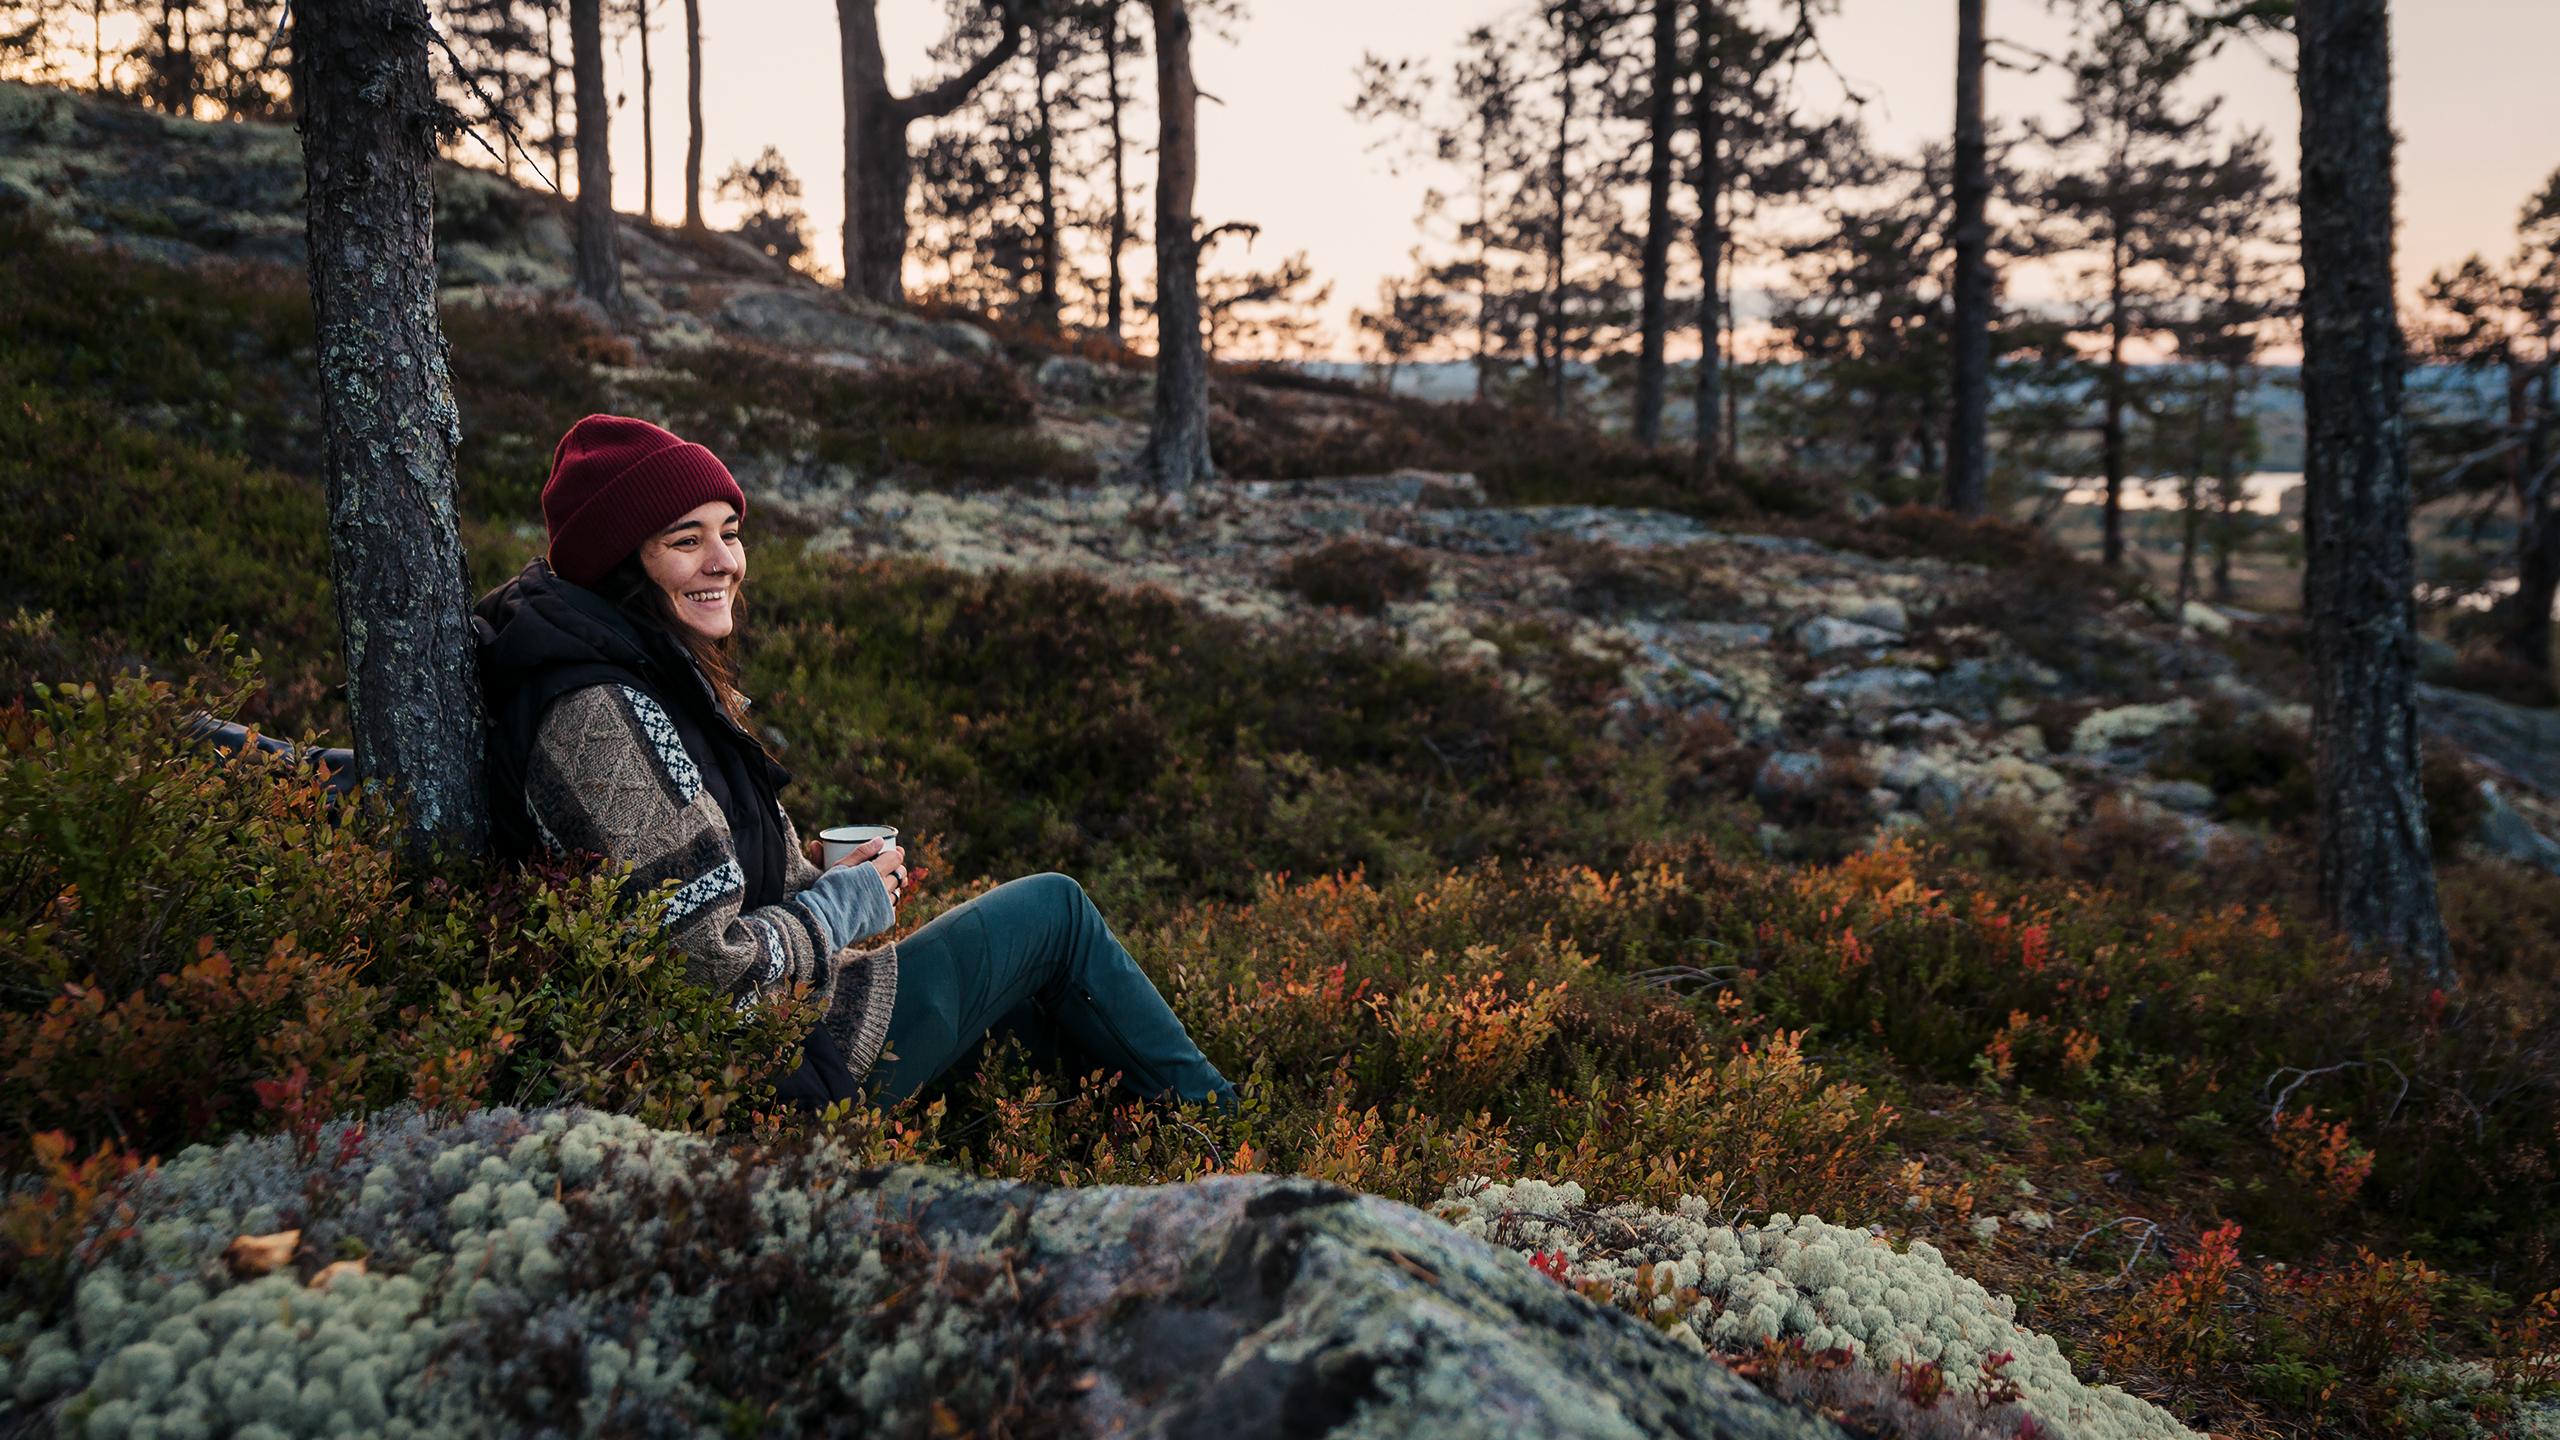 Skog, utflykt, vandring, fika, friluftsliv, höst, tallskog, fikapaus, matsäck,